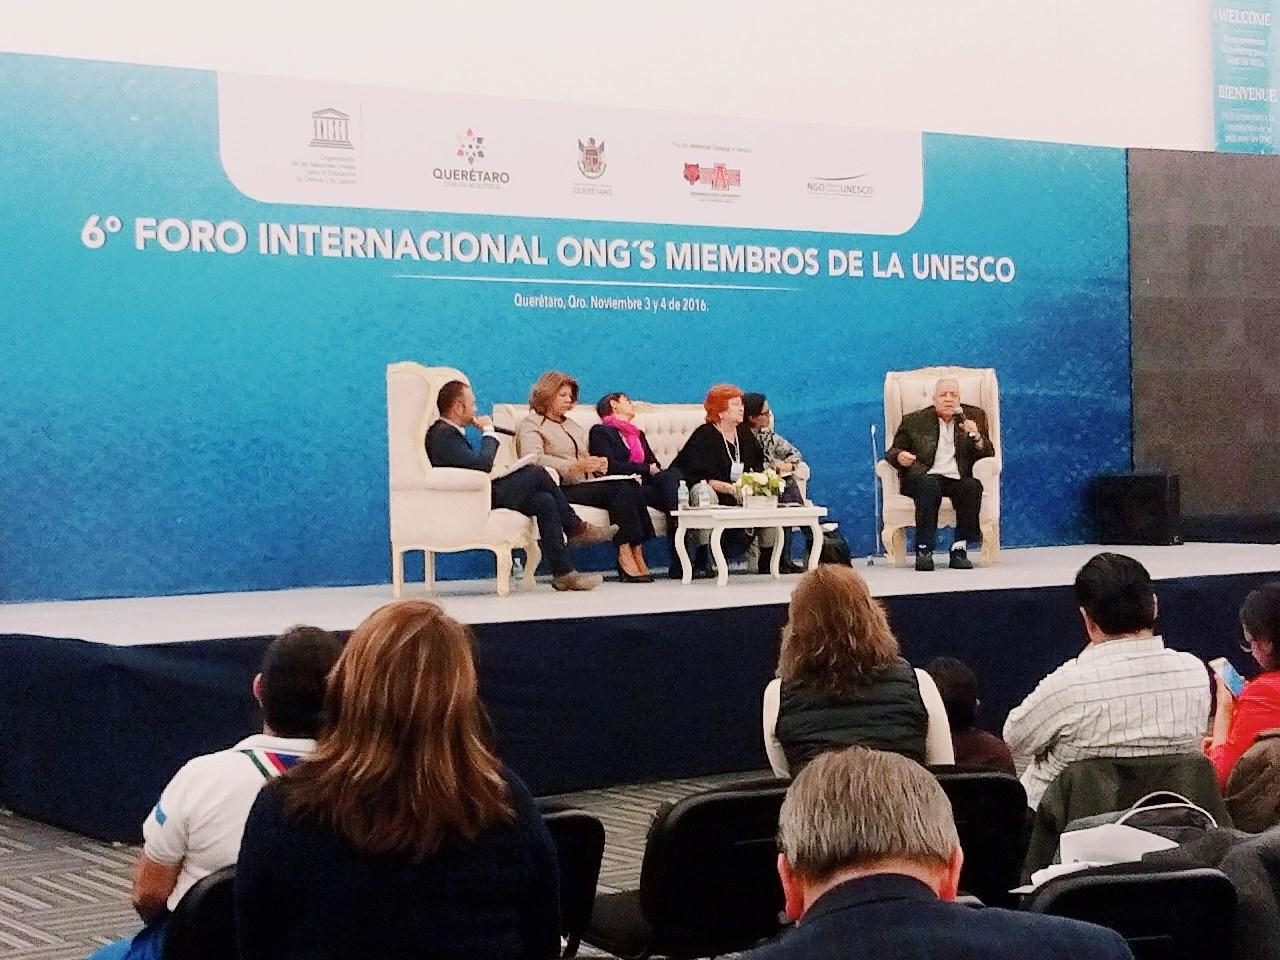 6o_Foro_Internacional_de_las_ONGs_Socios_Oficiales_de_la_UNESCO,_Querétaro_2